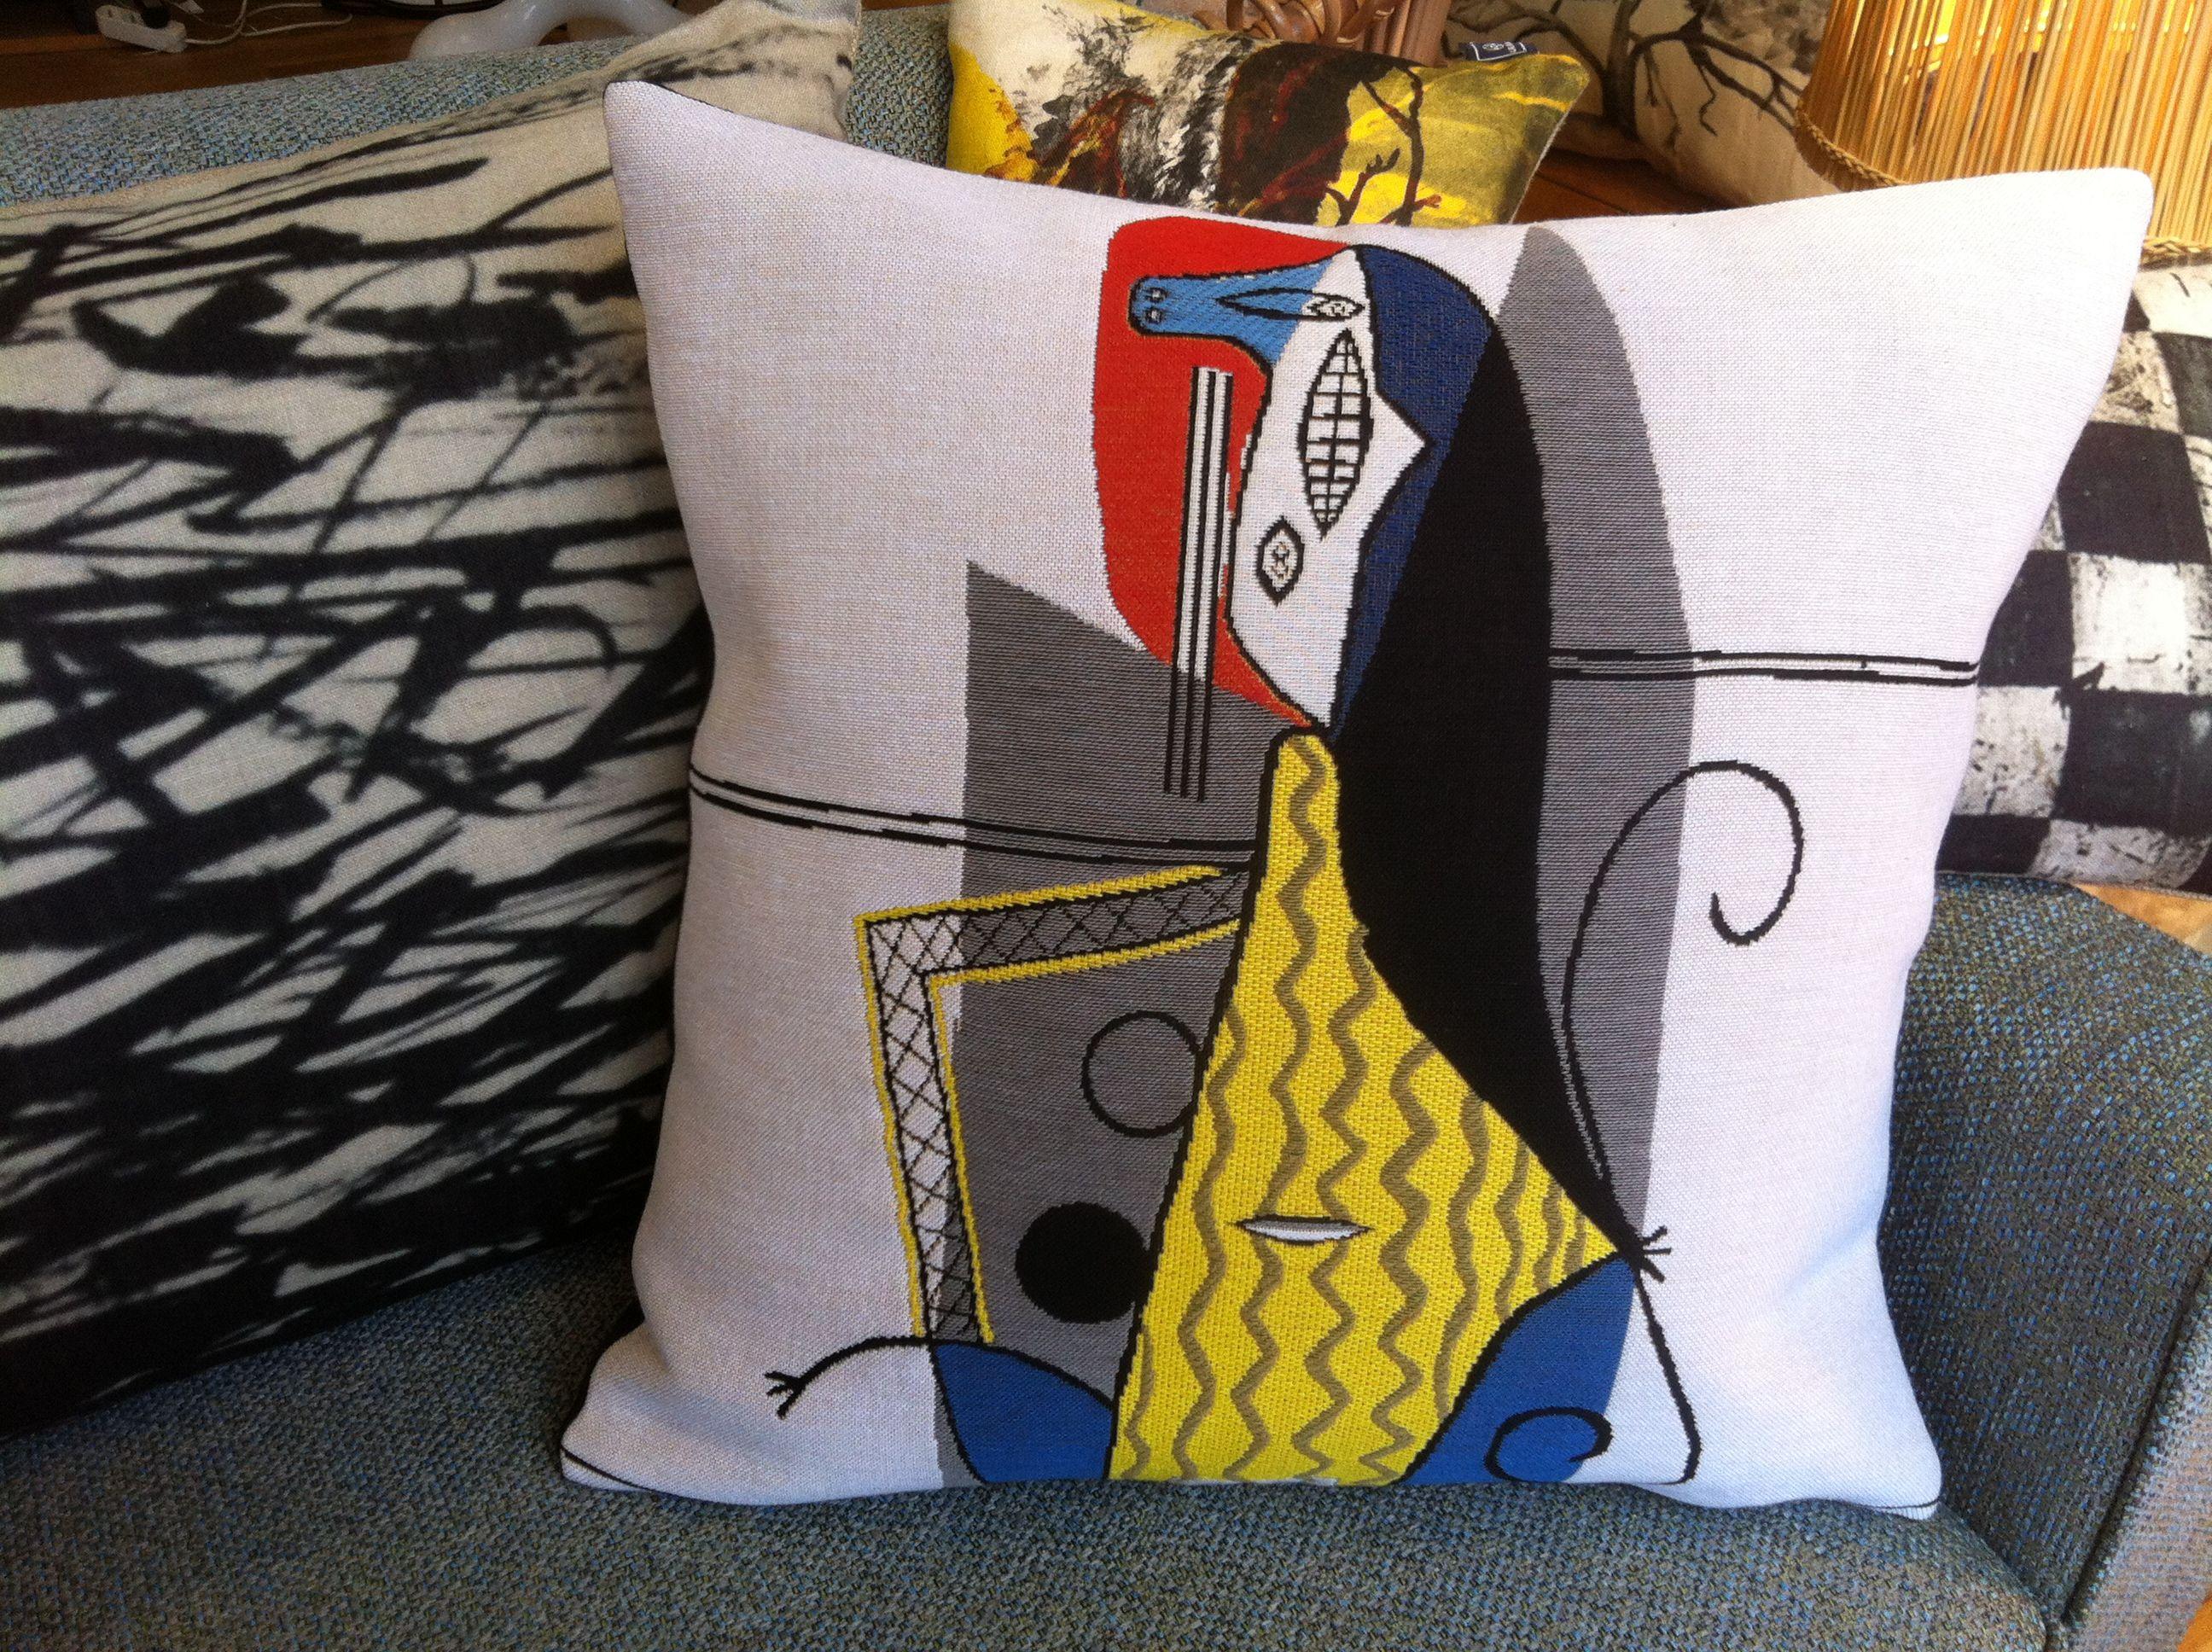 coussin jules pansu picasso femme dans un fauteuil r ve de flamme 57 avenue albert 1er. Black Bedroom Furniture Sets. Home Design Ideas